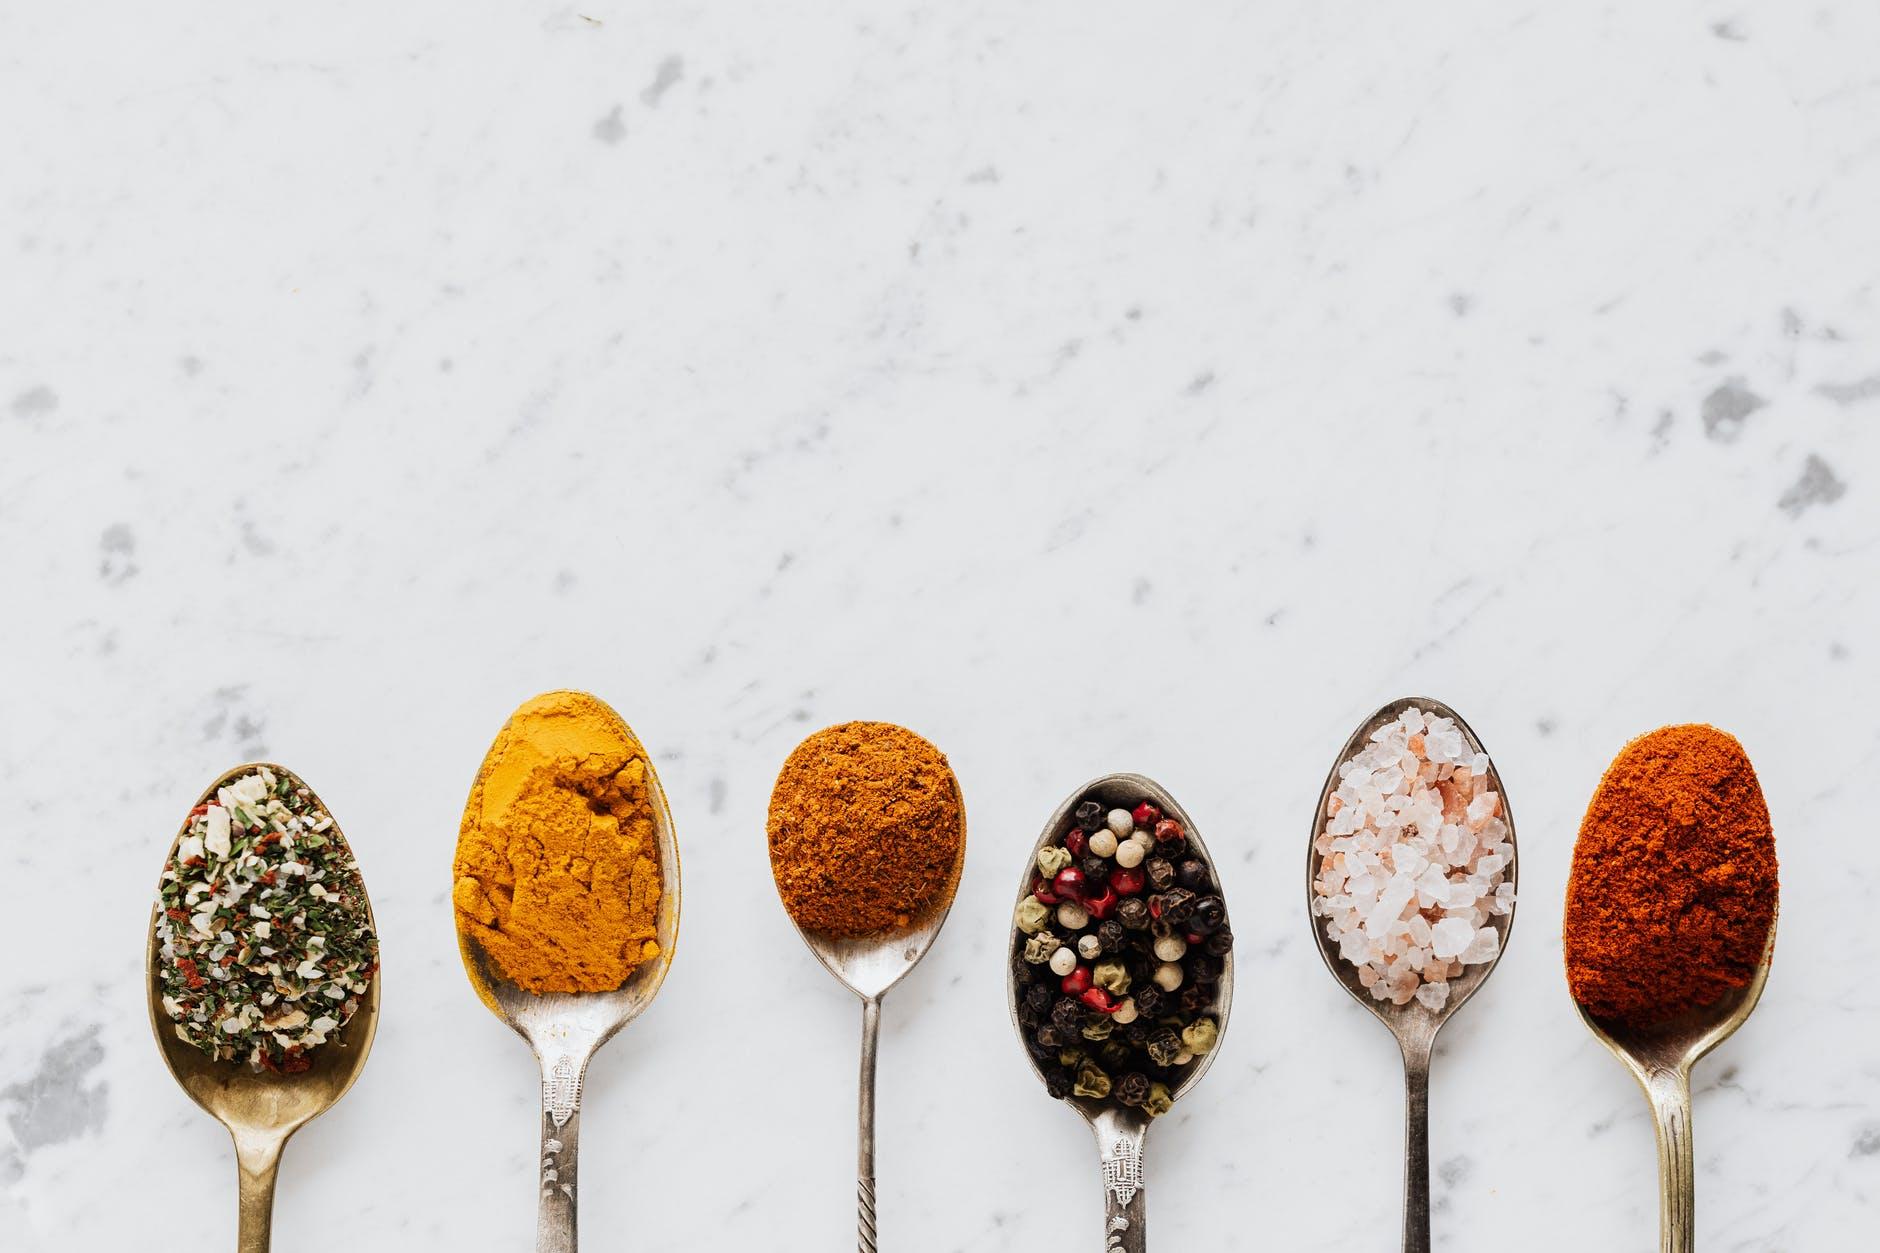 Varrios tipos y mezclas de sal